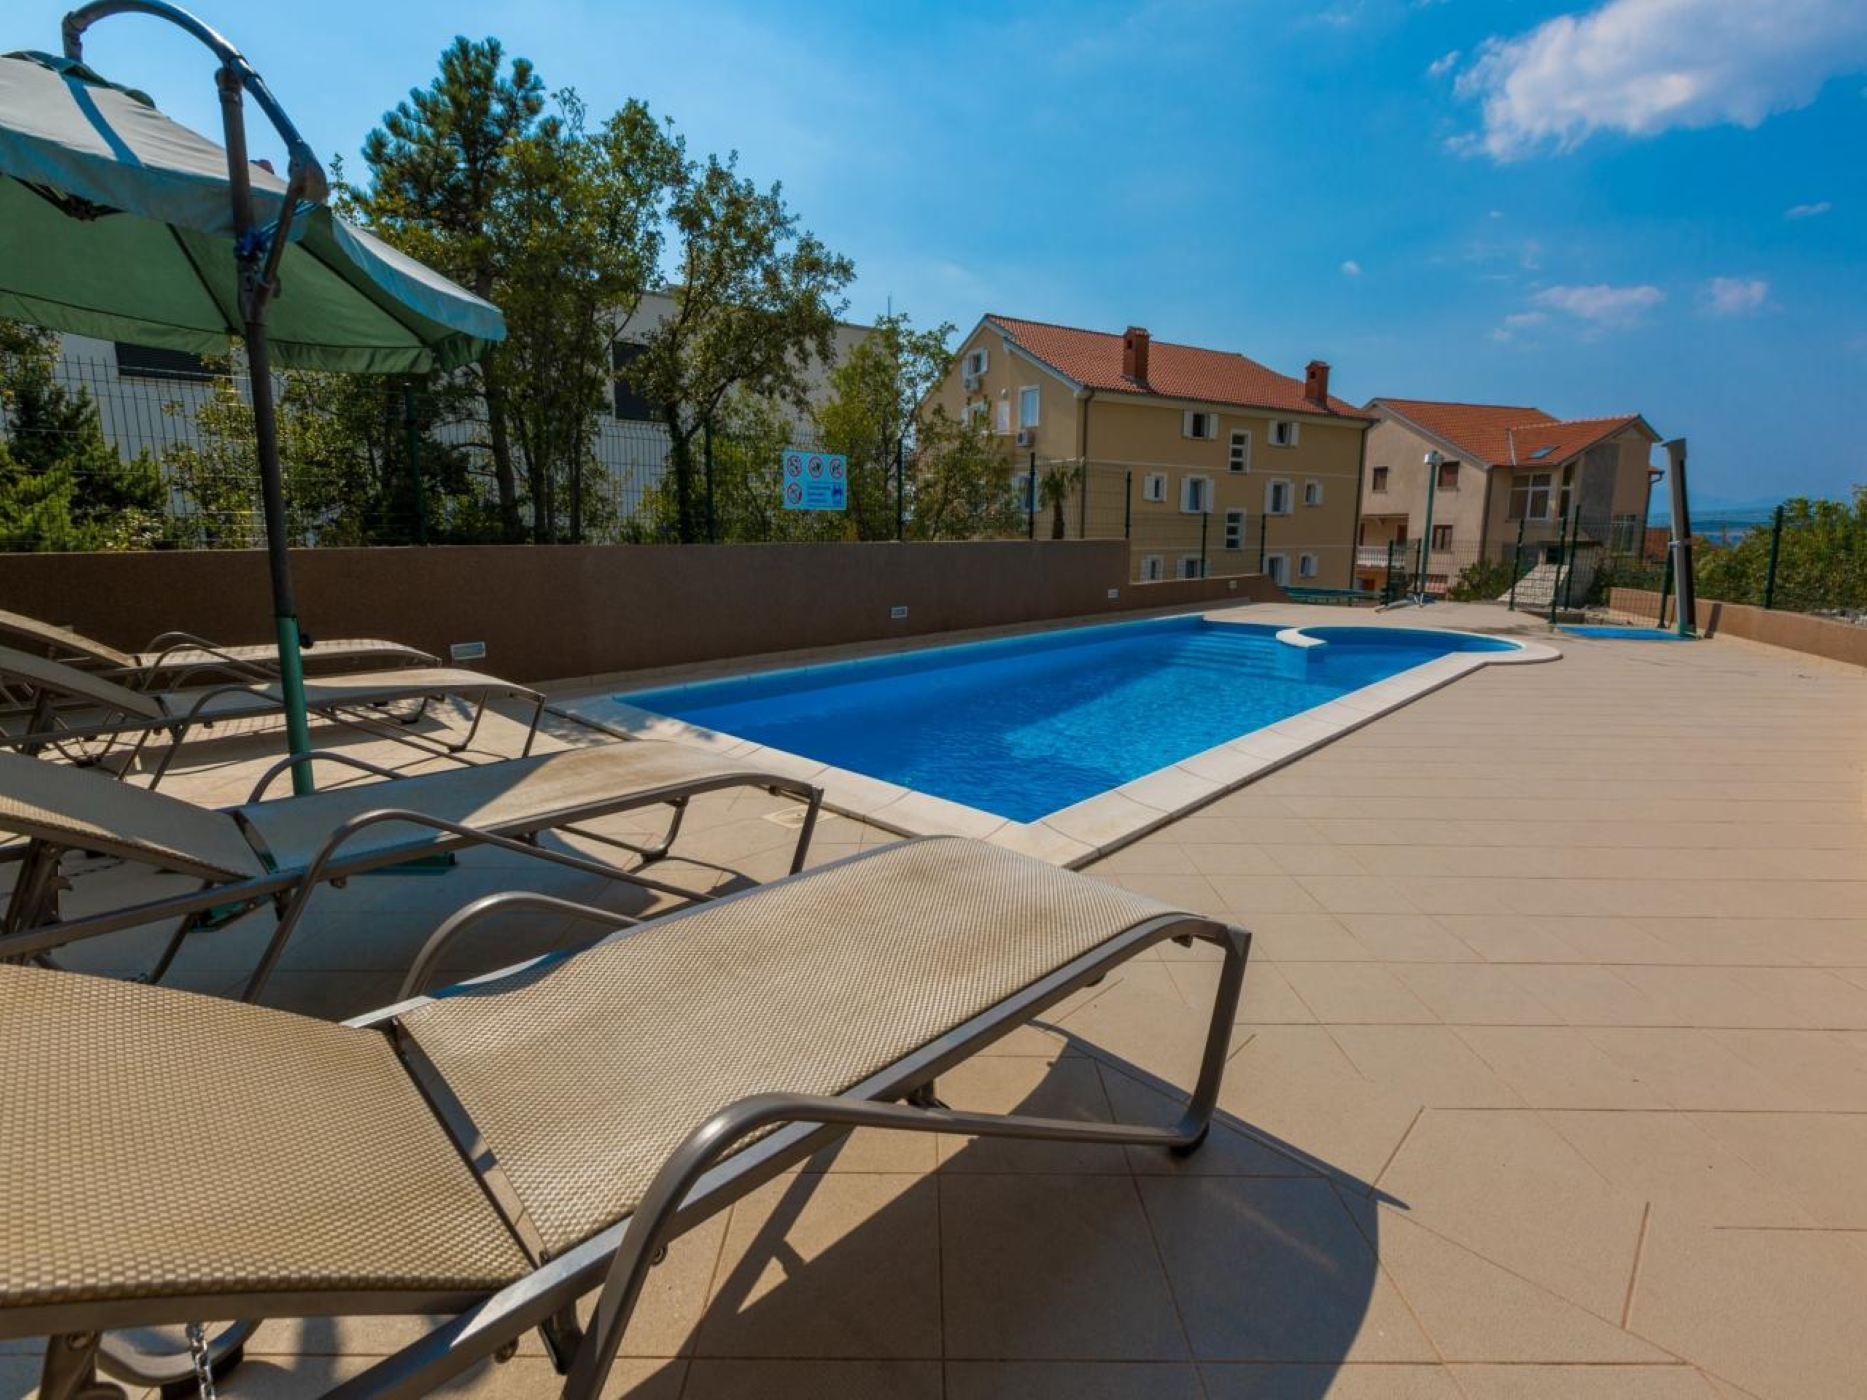 Ferienwohnung für 2 Personen ca 35 m² in Dramalj Kvarner Bucht Crikvenica und Umgebung